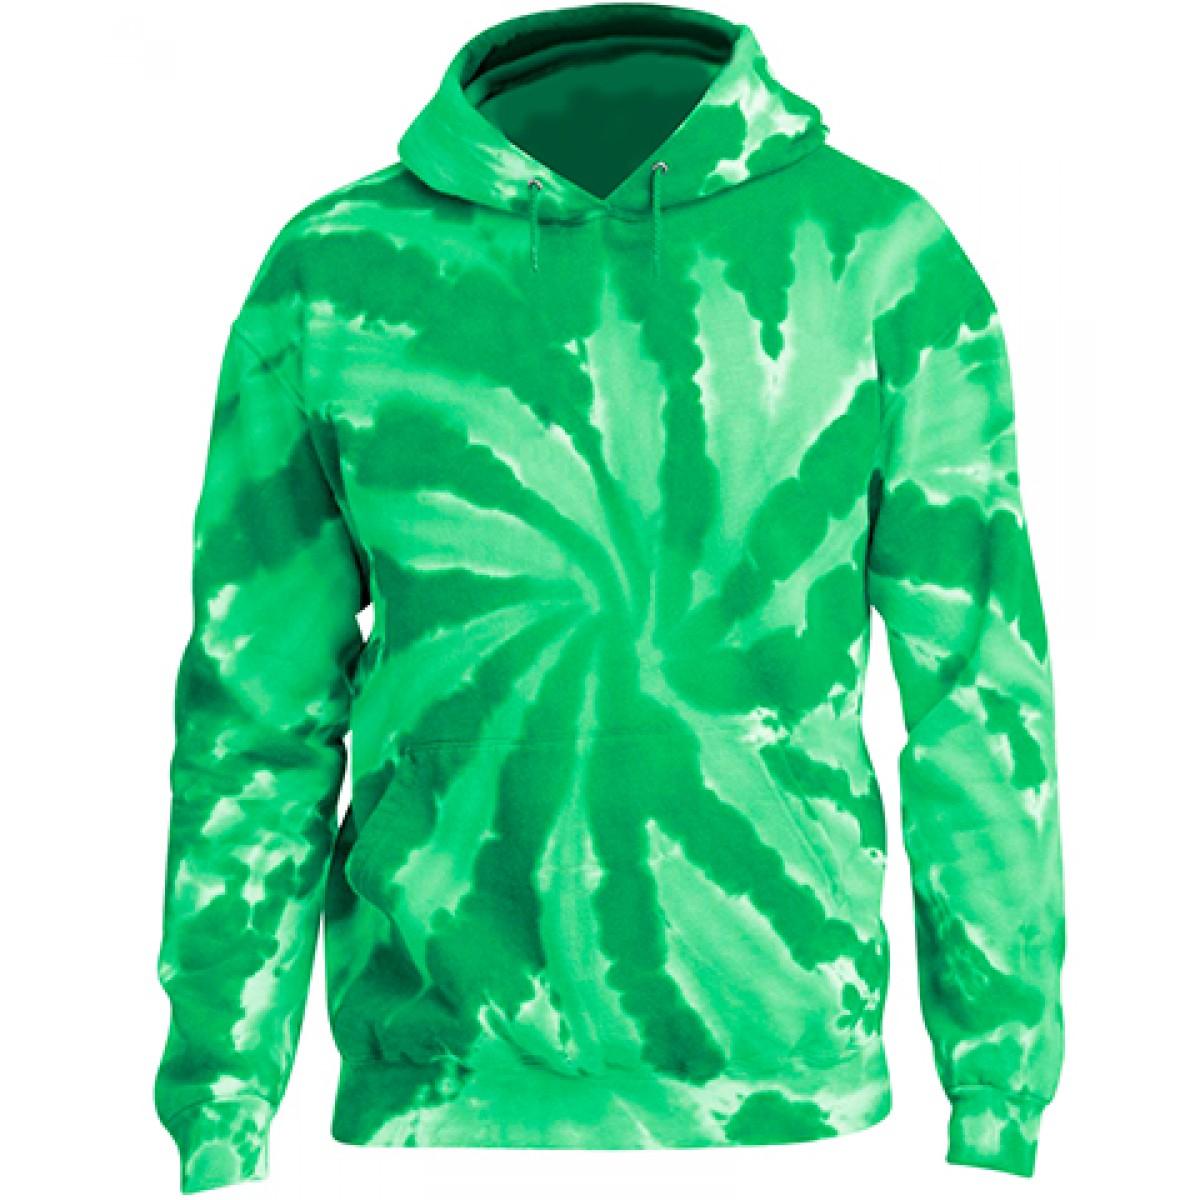 Tie-Dye Pullover Hooded Sweatshirt-Green-XL